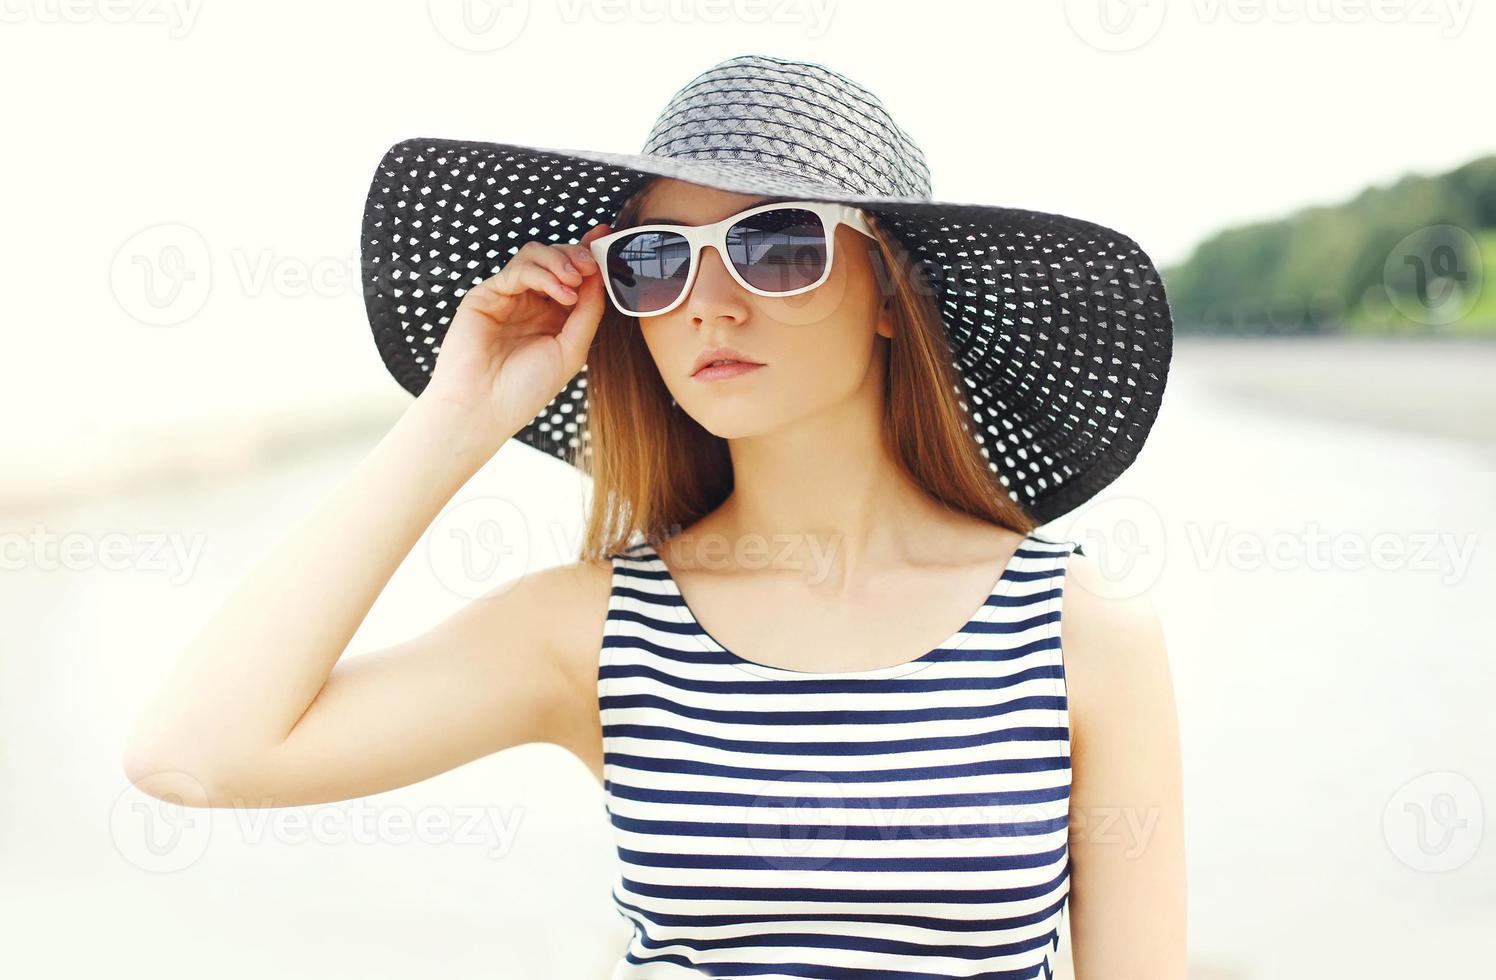 Retrato hermosa mujer joven con un vestido de rayas, negro st foto